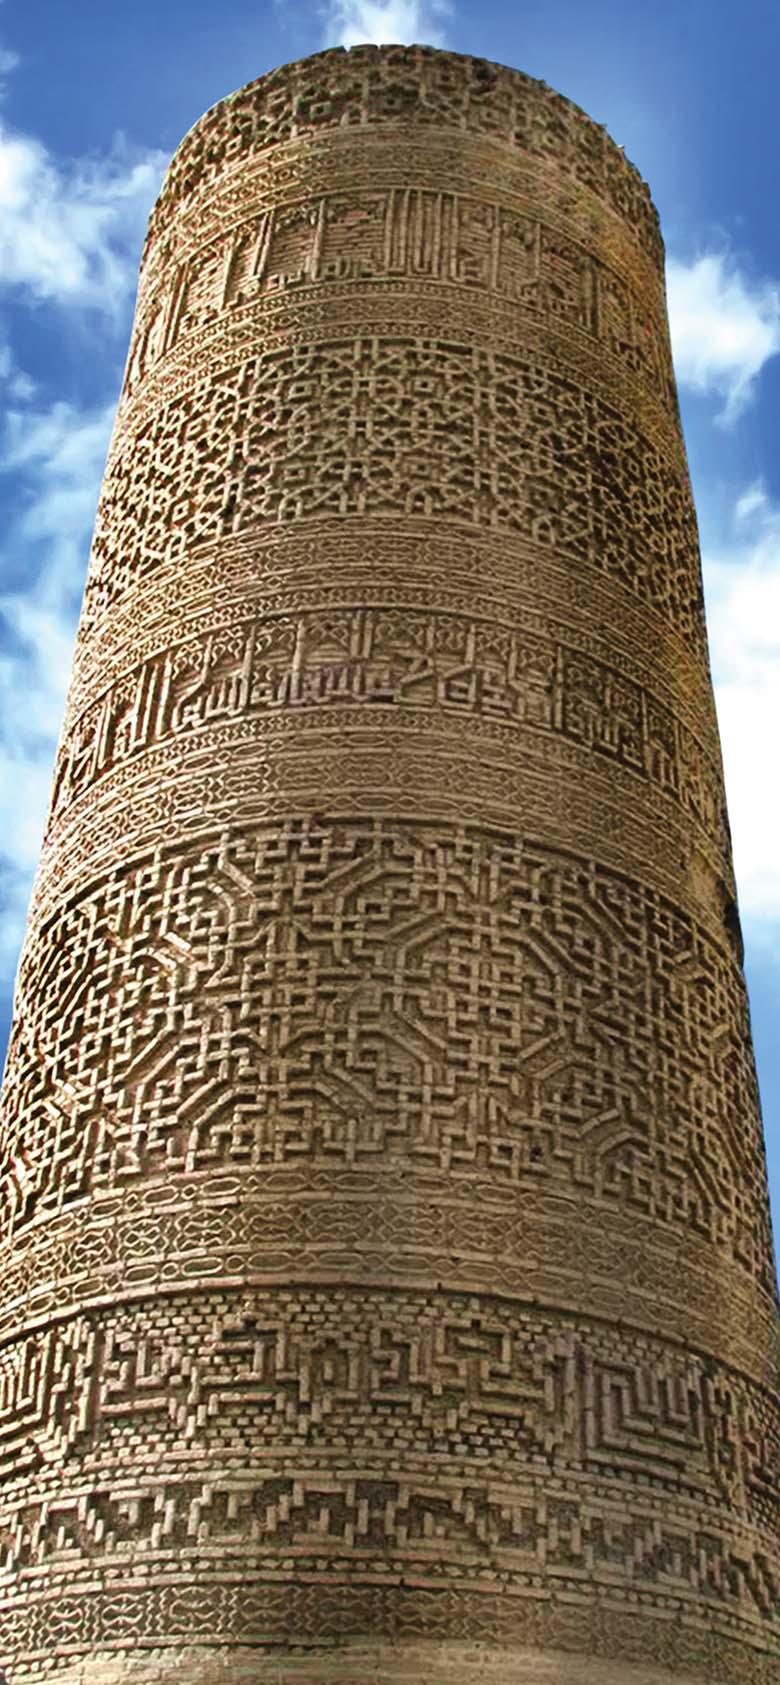 Mısır süslemesi nasıl geliştirildi